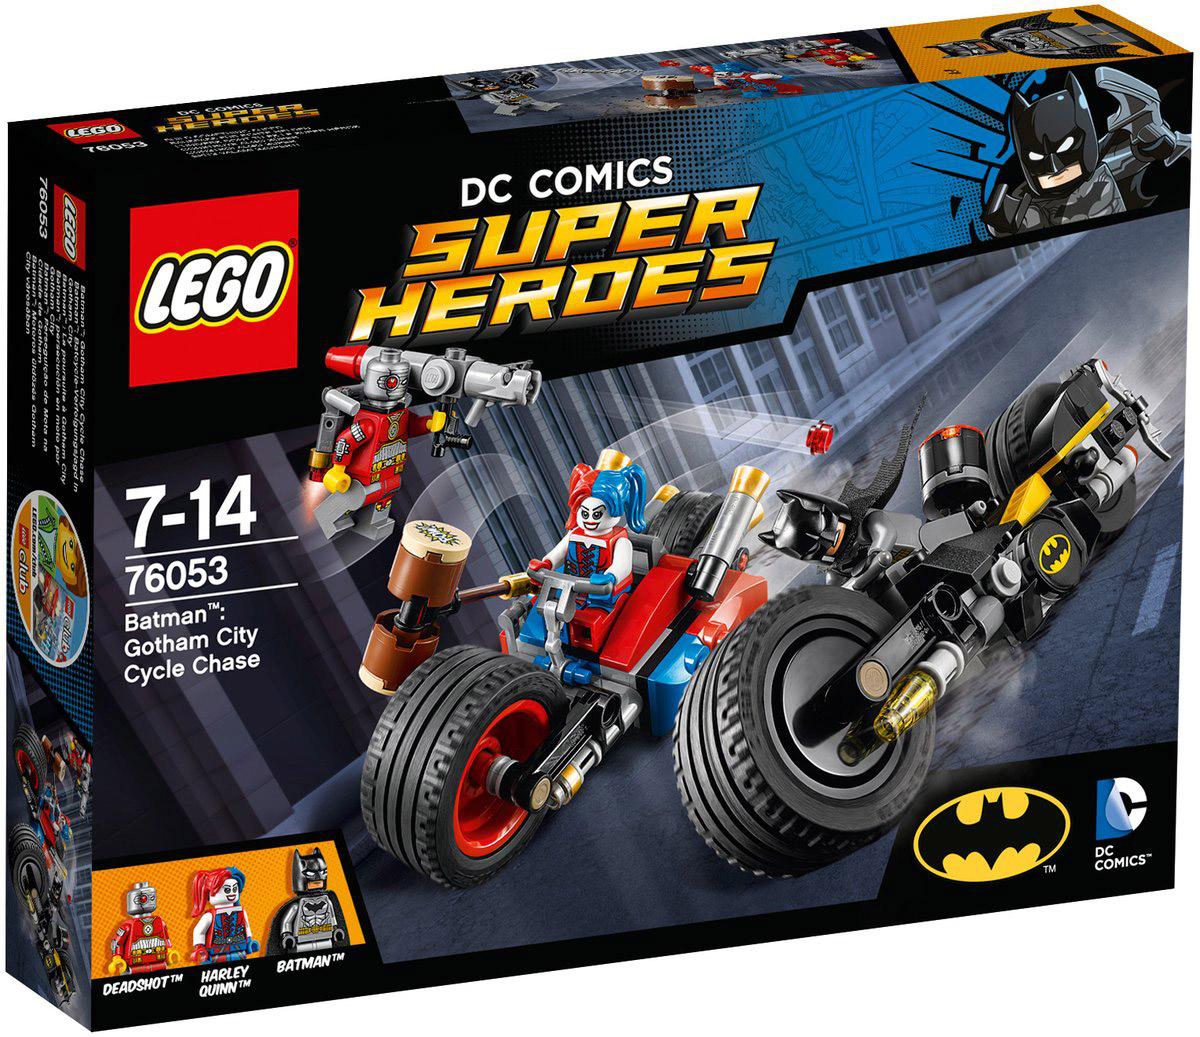 LEGO Super Heroes Конструктор Бэтмен Погоня на мотоциклах по Готэм-сити 7605376053Дэдшот летает по городу на своем реактивном ранце и стреляет из базуки, вы должны выгнать его с помощью пушки Бэтмена! Поймайте Харли и перенесите схватку на землю, используя Батаранг Бэтмана и его ружье с крюком. Но осторожно - Харли может прикрепить к мотоциклу большой молоток и отправить Бэтмена в полет! Набор включает в себя 224 разноцветных пластиковых элемента. Конструктор - это один из самых увлекательных и веселых способов времяпрепровождения. Ребенок сможет часами играть с конструктором, придумывая различные ситуации и истории.